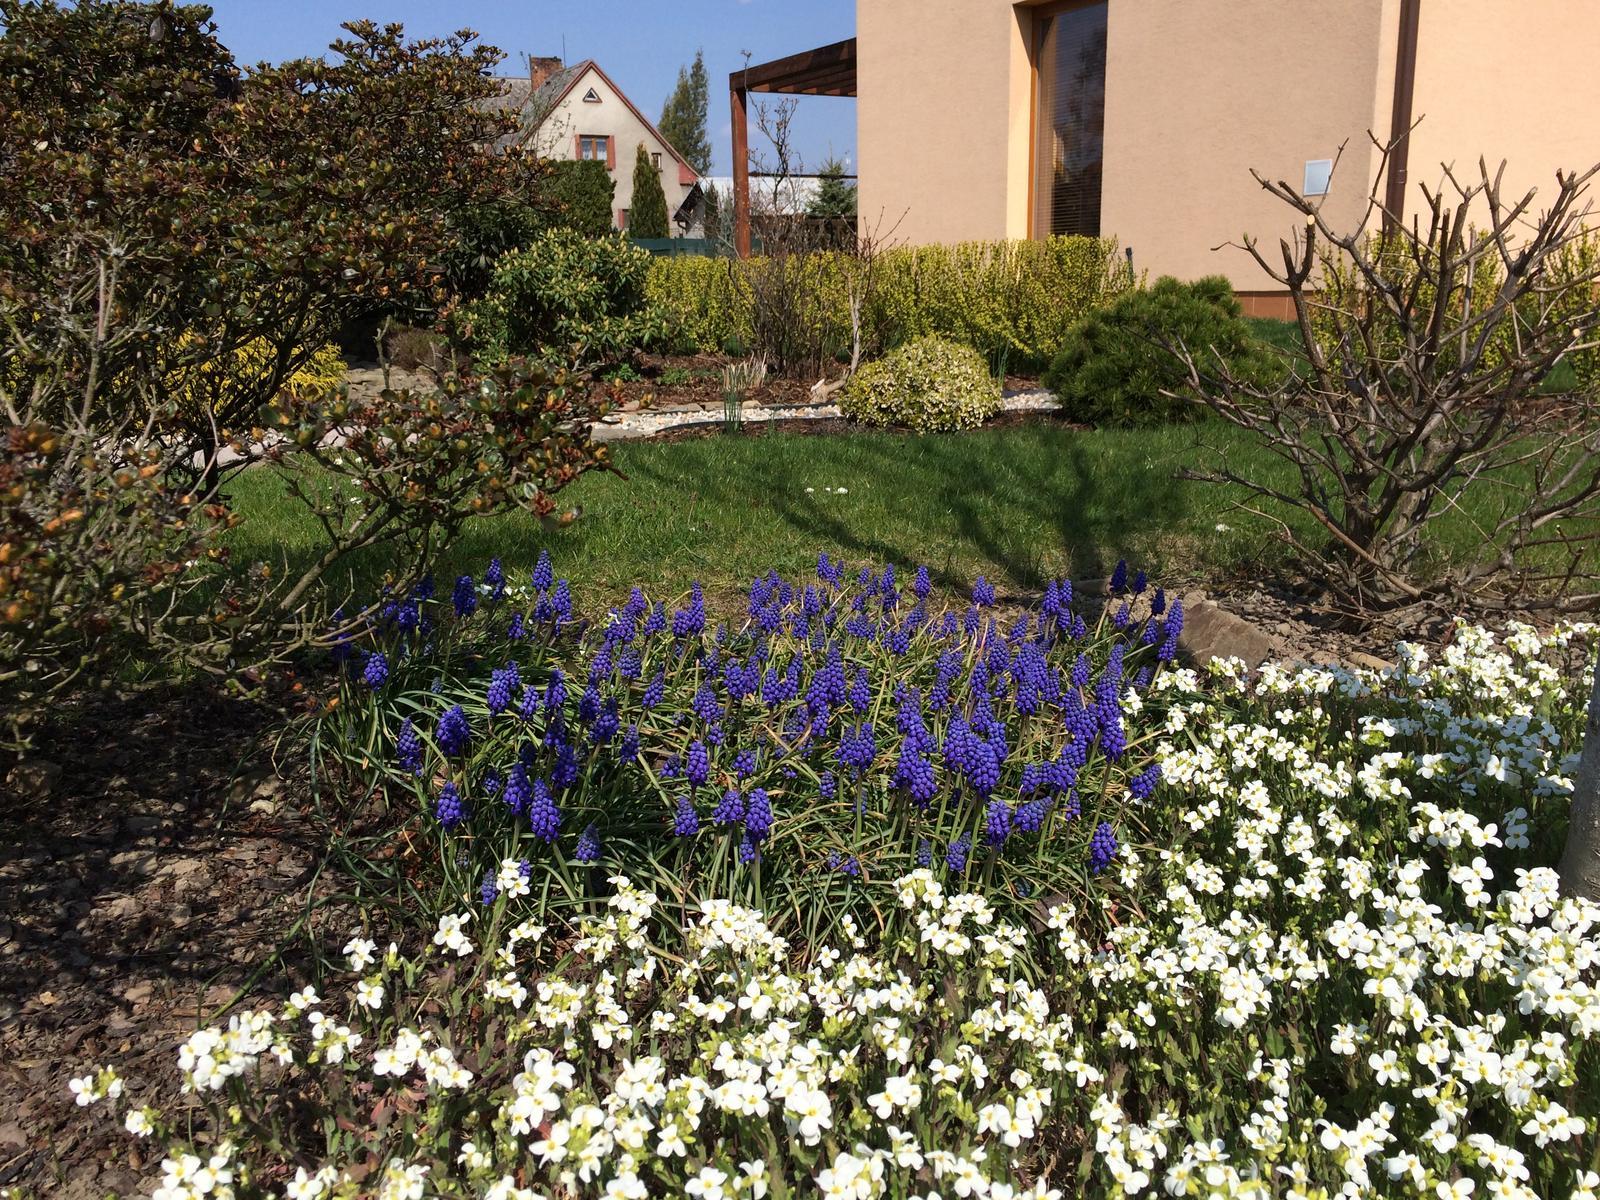 Dům i Zahrada 2019 - Hudebník a modřence